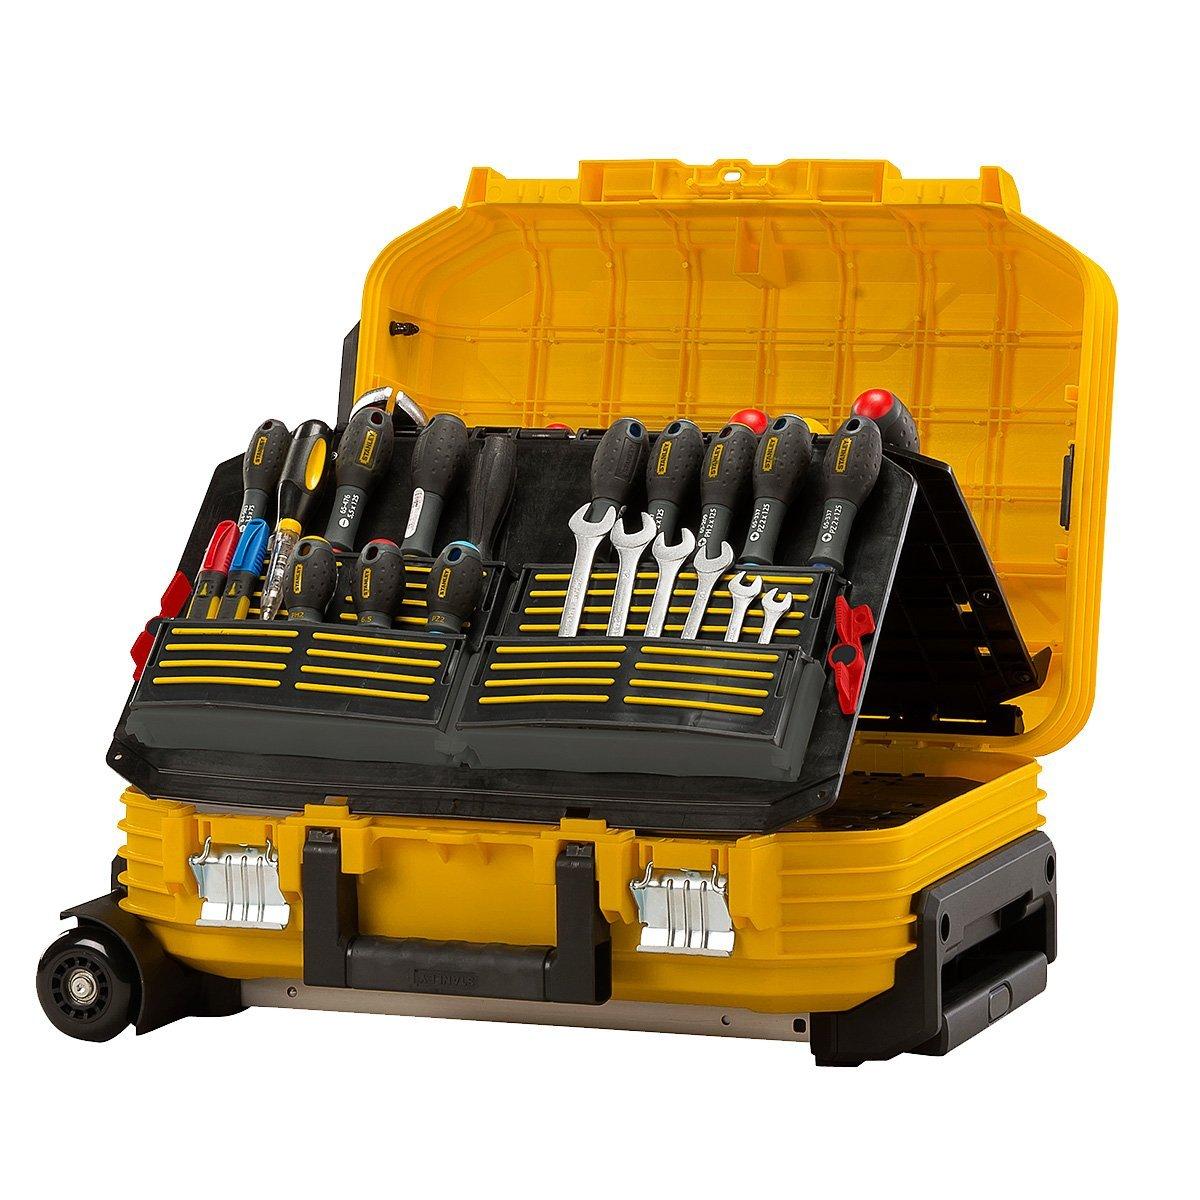 Las 6 mejores cajas de herramientas - Caja de herramientas stanley ...